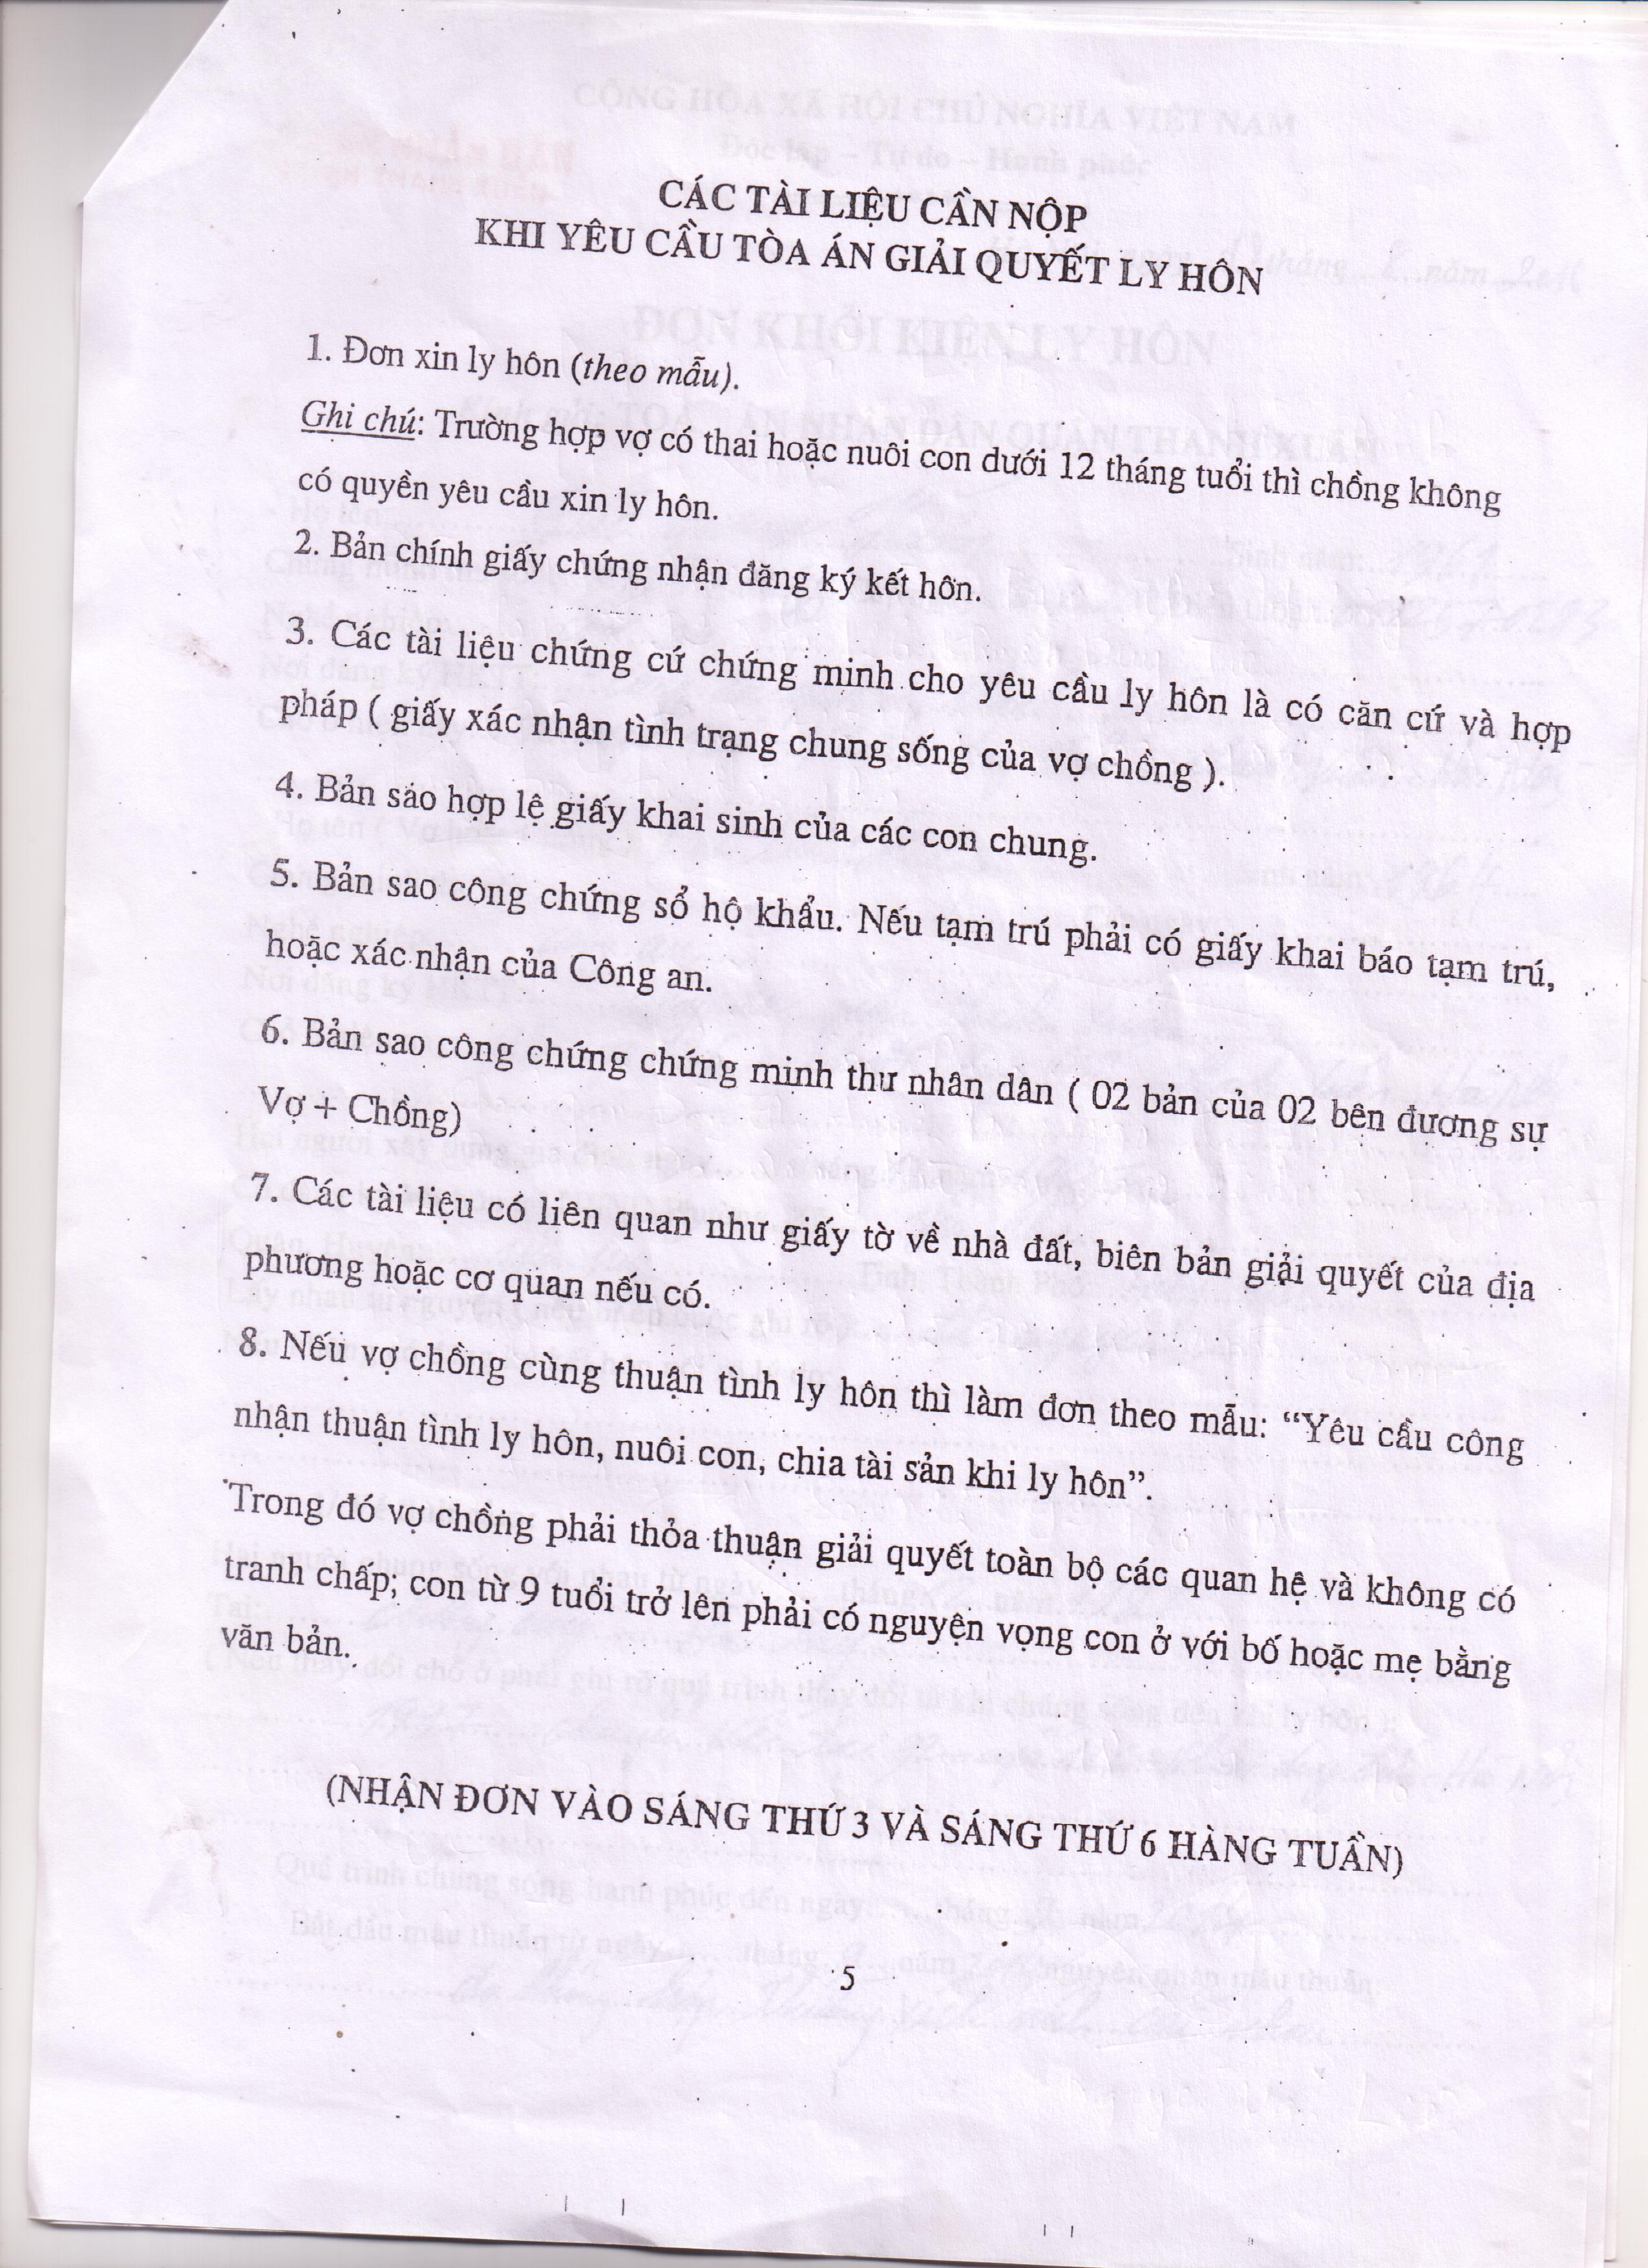 Mẫu đơn xin ly hôn tại quận Thanh Xuân